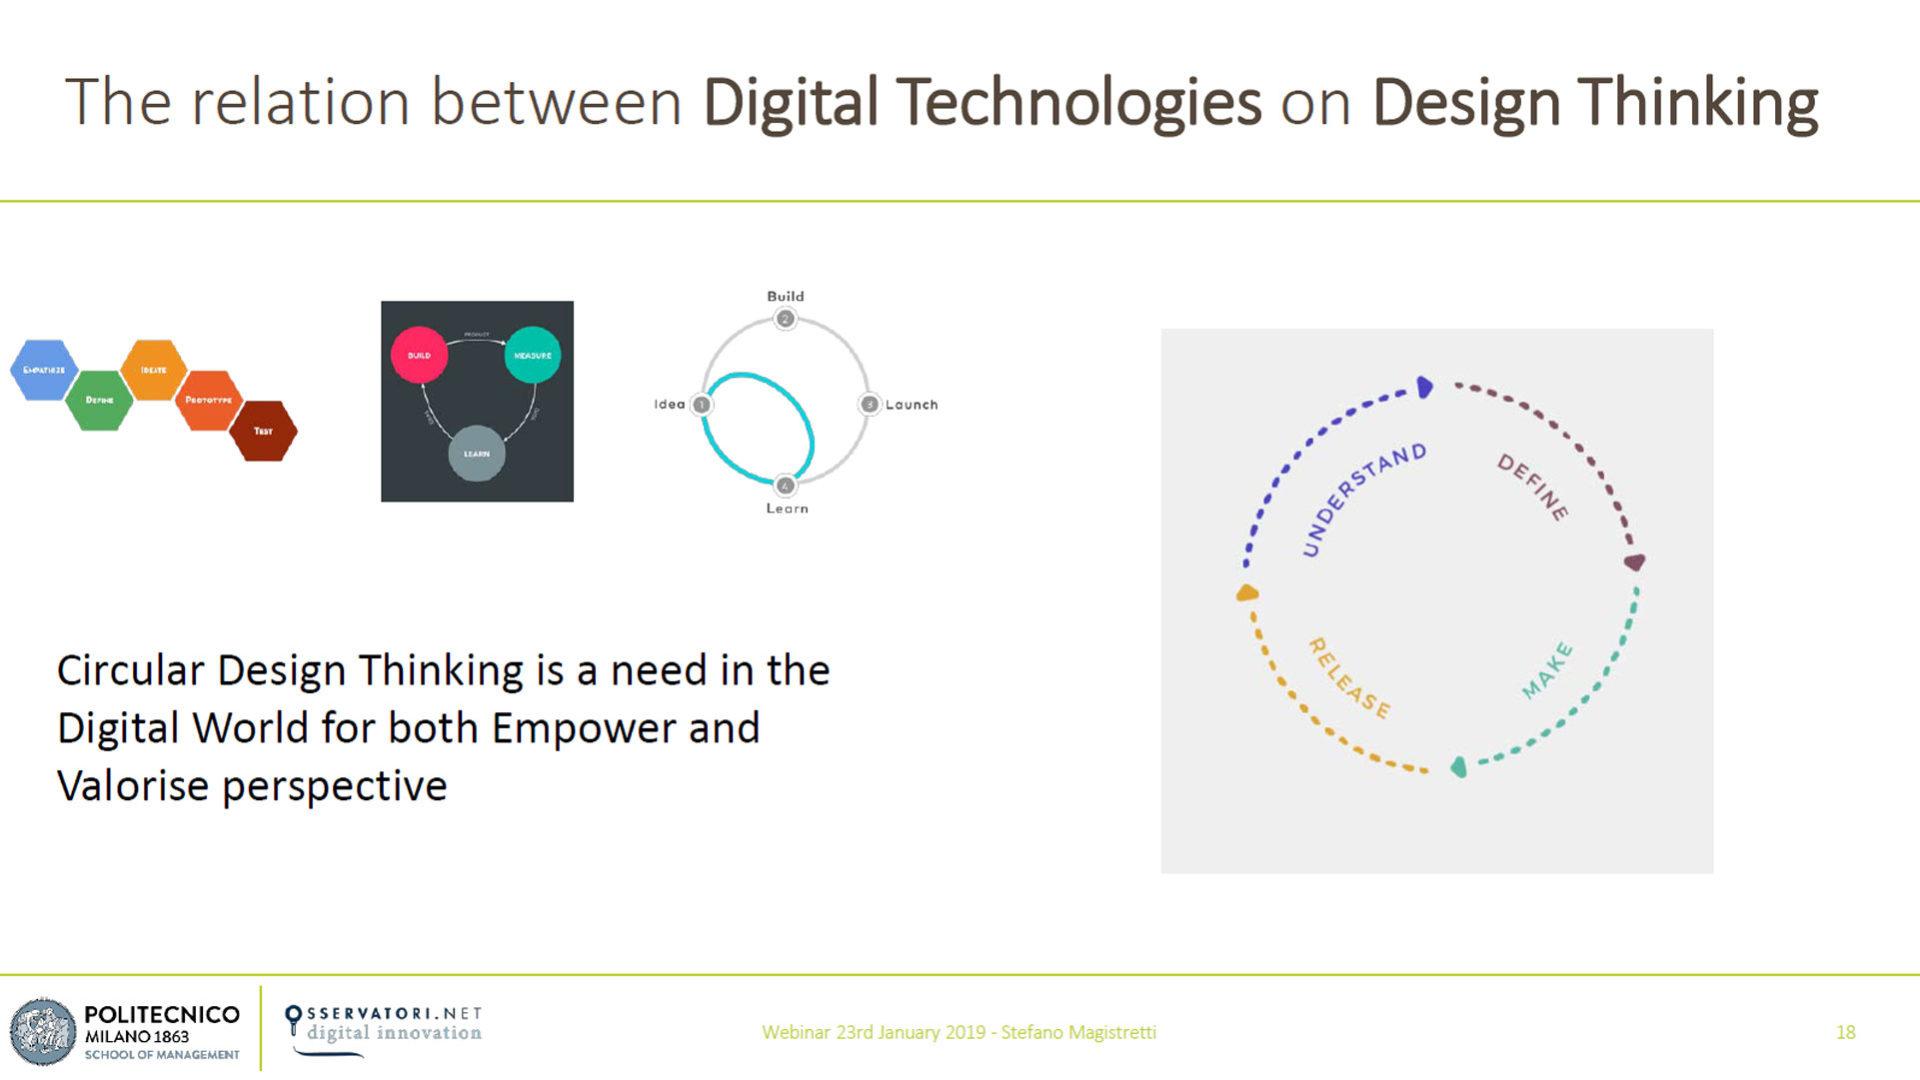 Figura 4 - La relazione fra Design Thinking e tecnologie digitali: un processo circolare - Fonte: Osservatori Digital Innovation del Politecnico di Milano